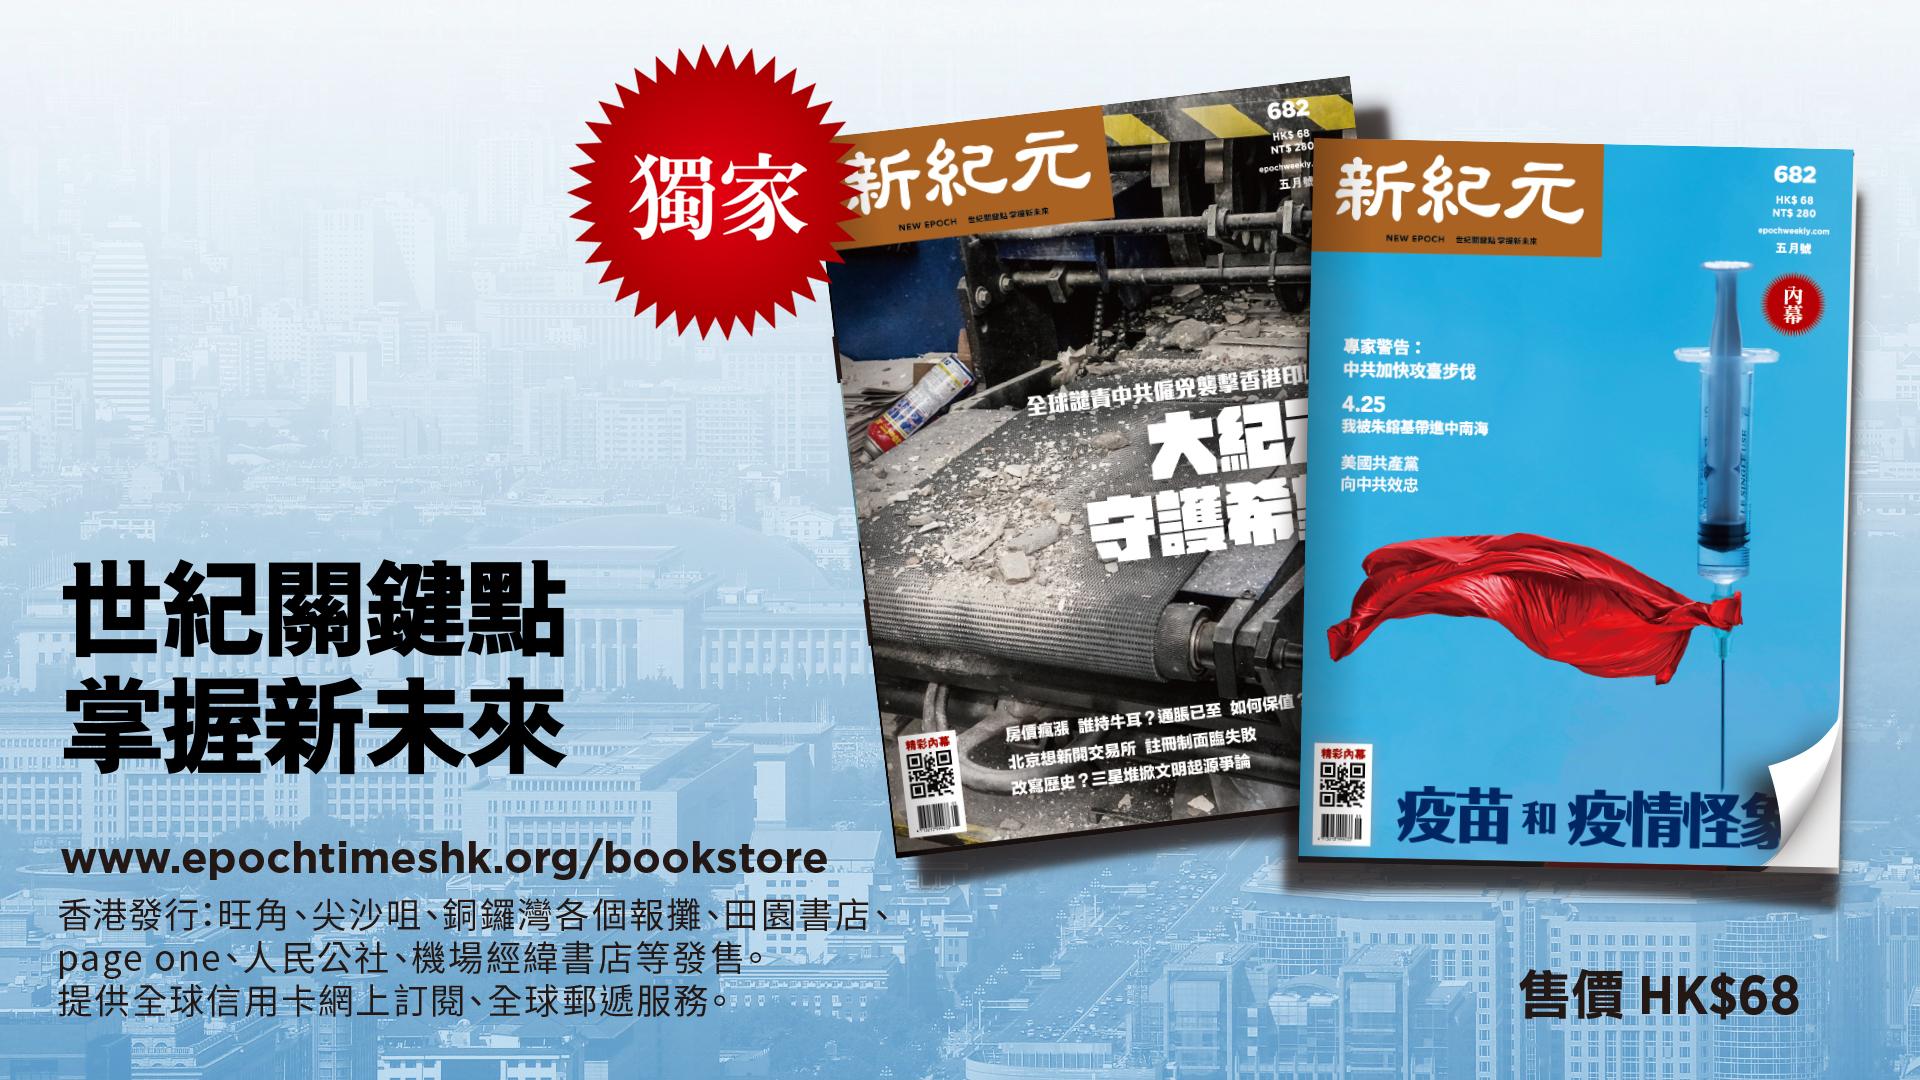 >【新品發布】五月號:《香港大紀元遇襲 譴責中共的正義力量匯集》